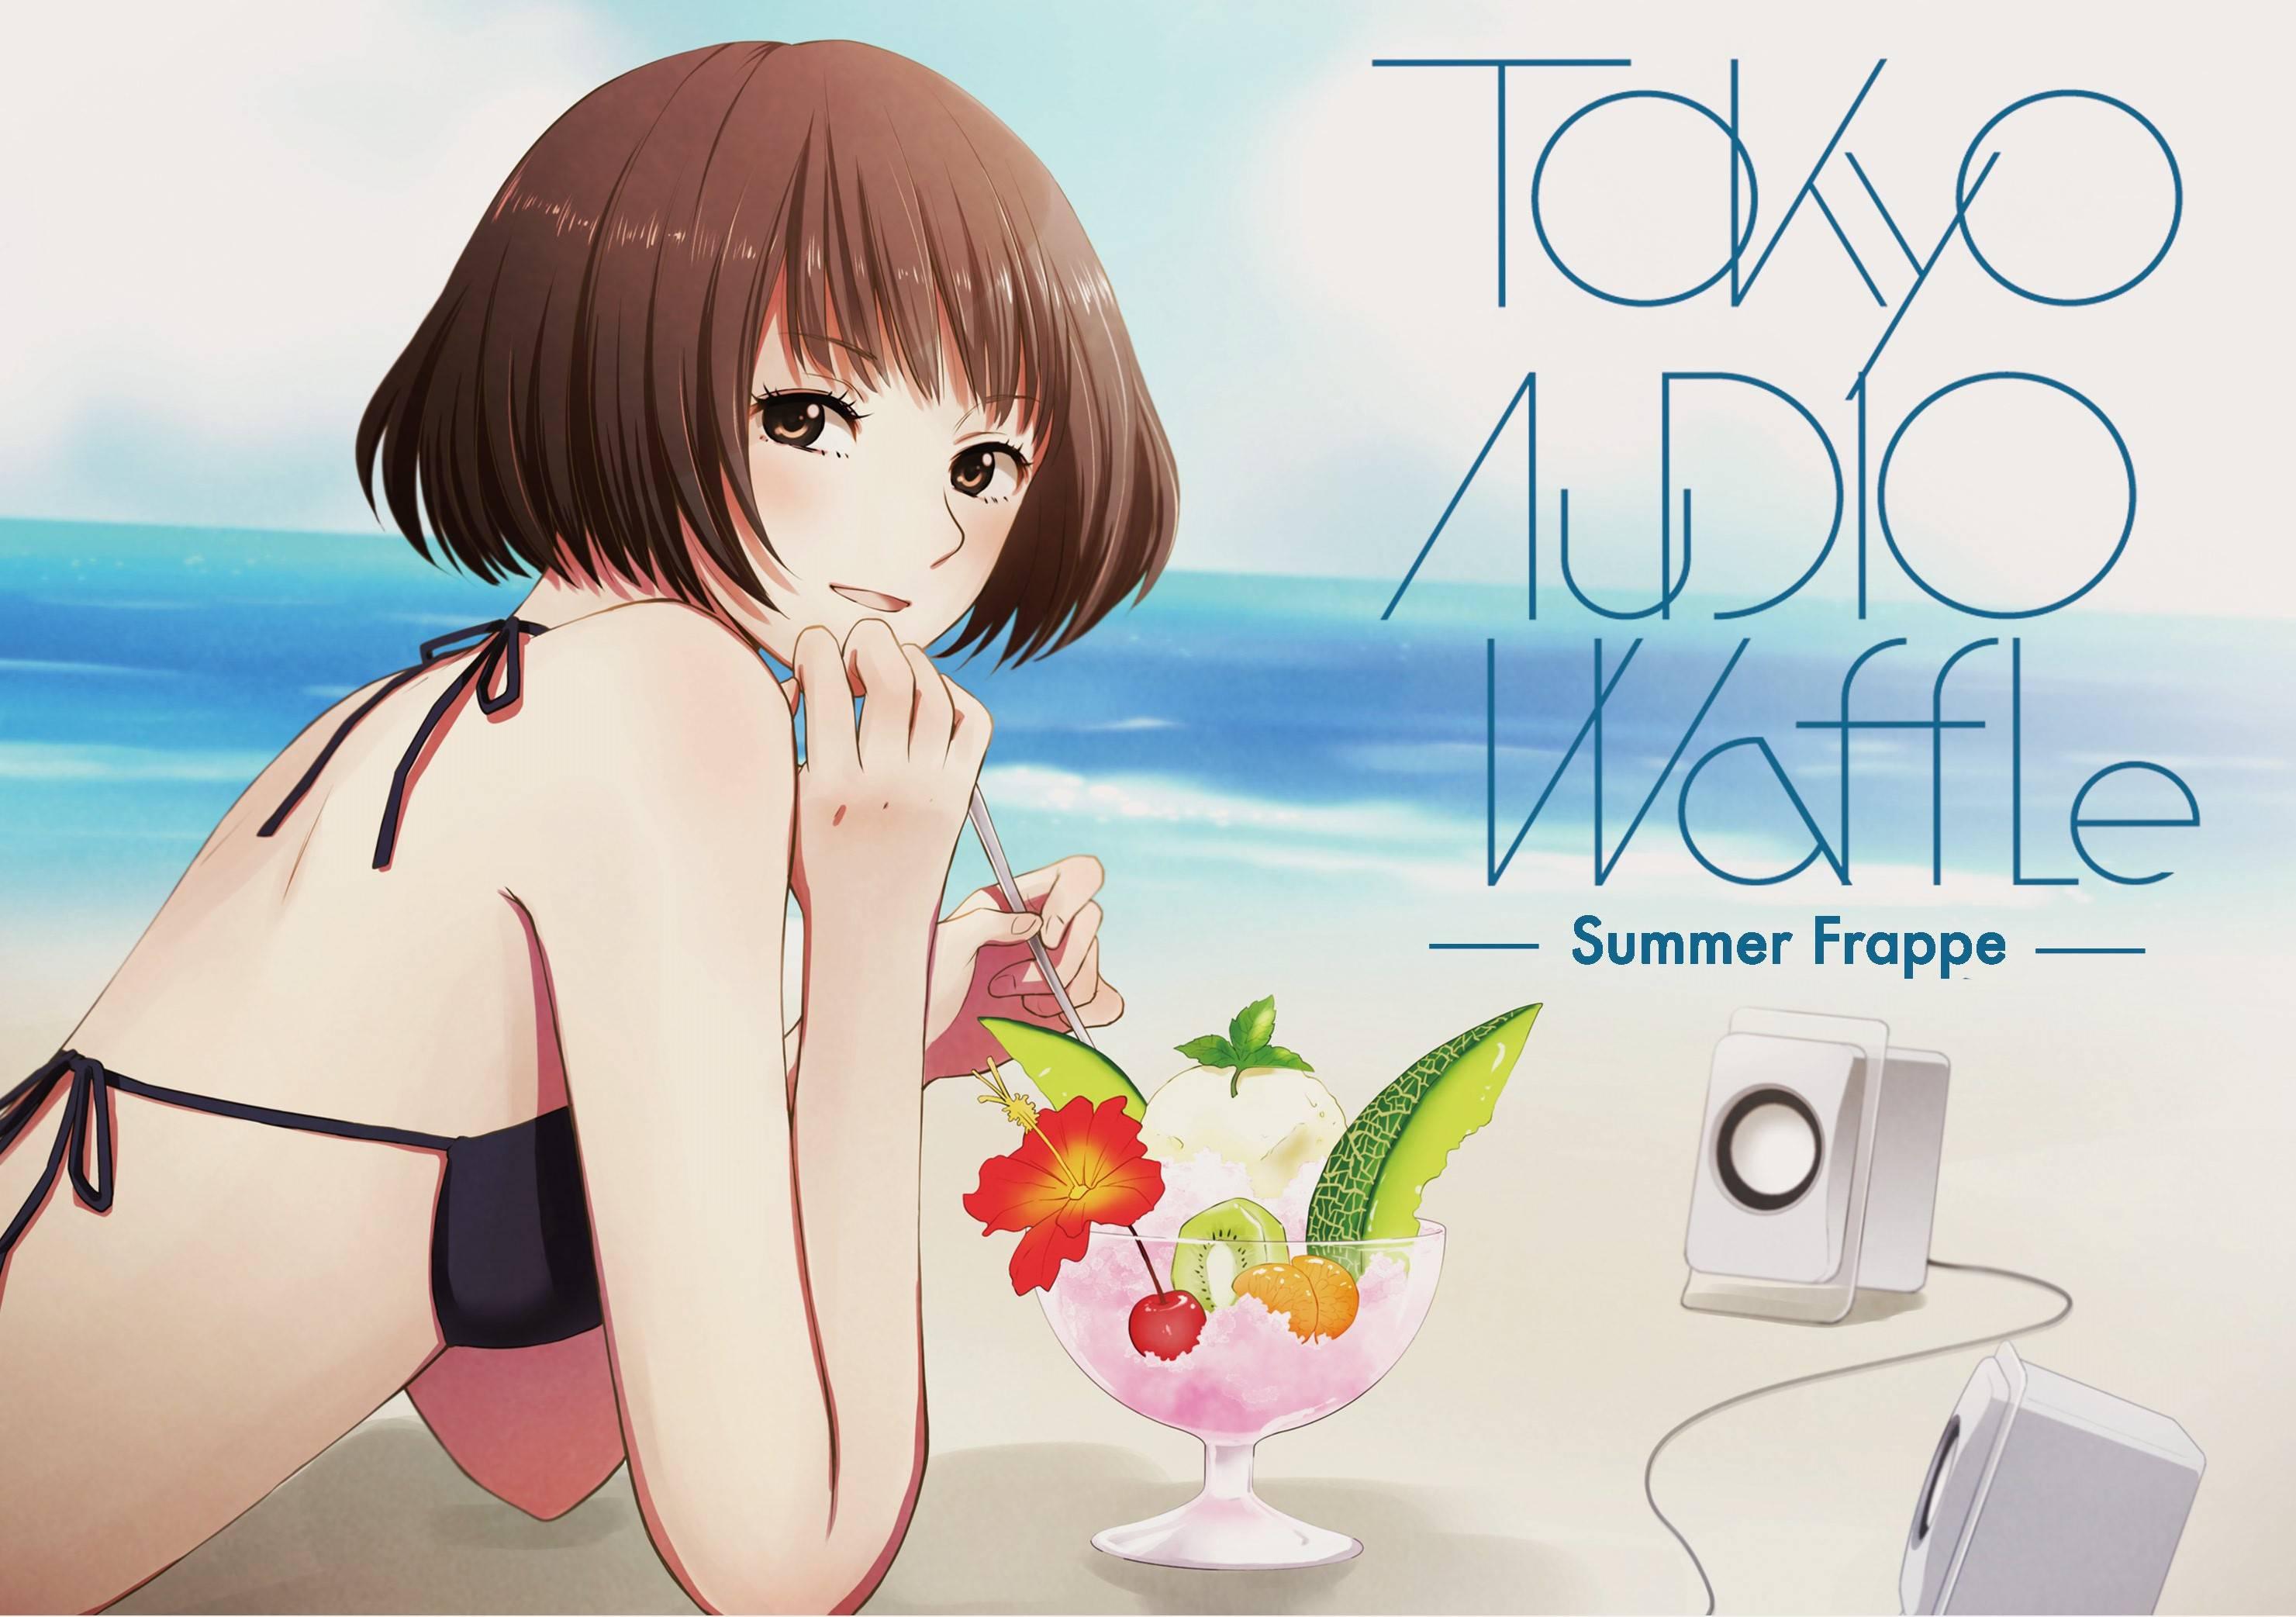 Summer Frappe